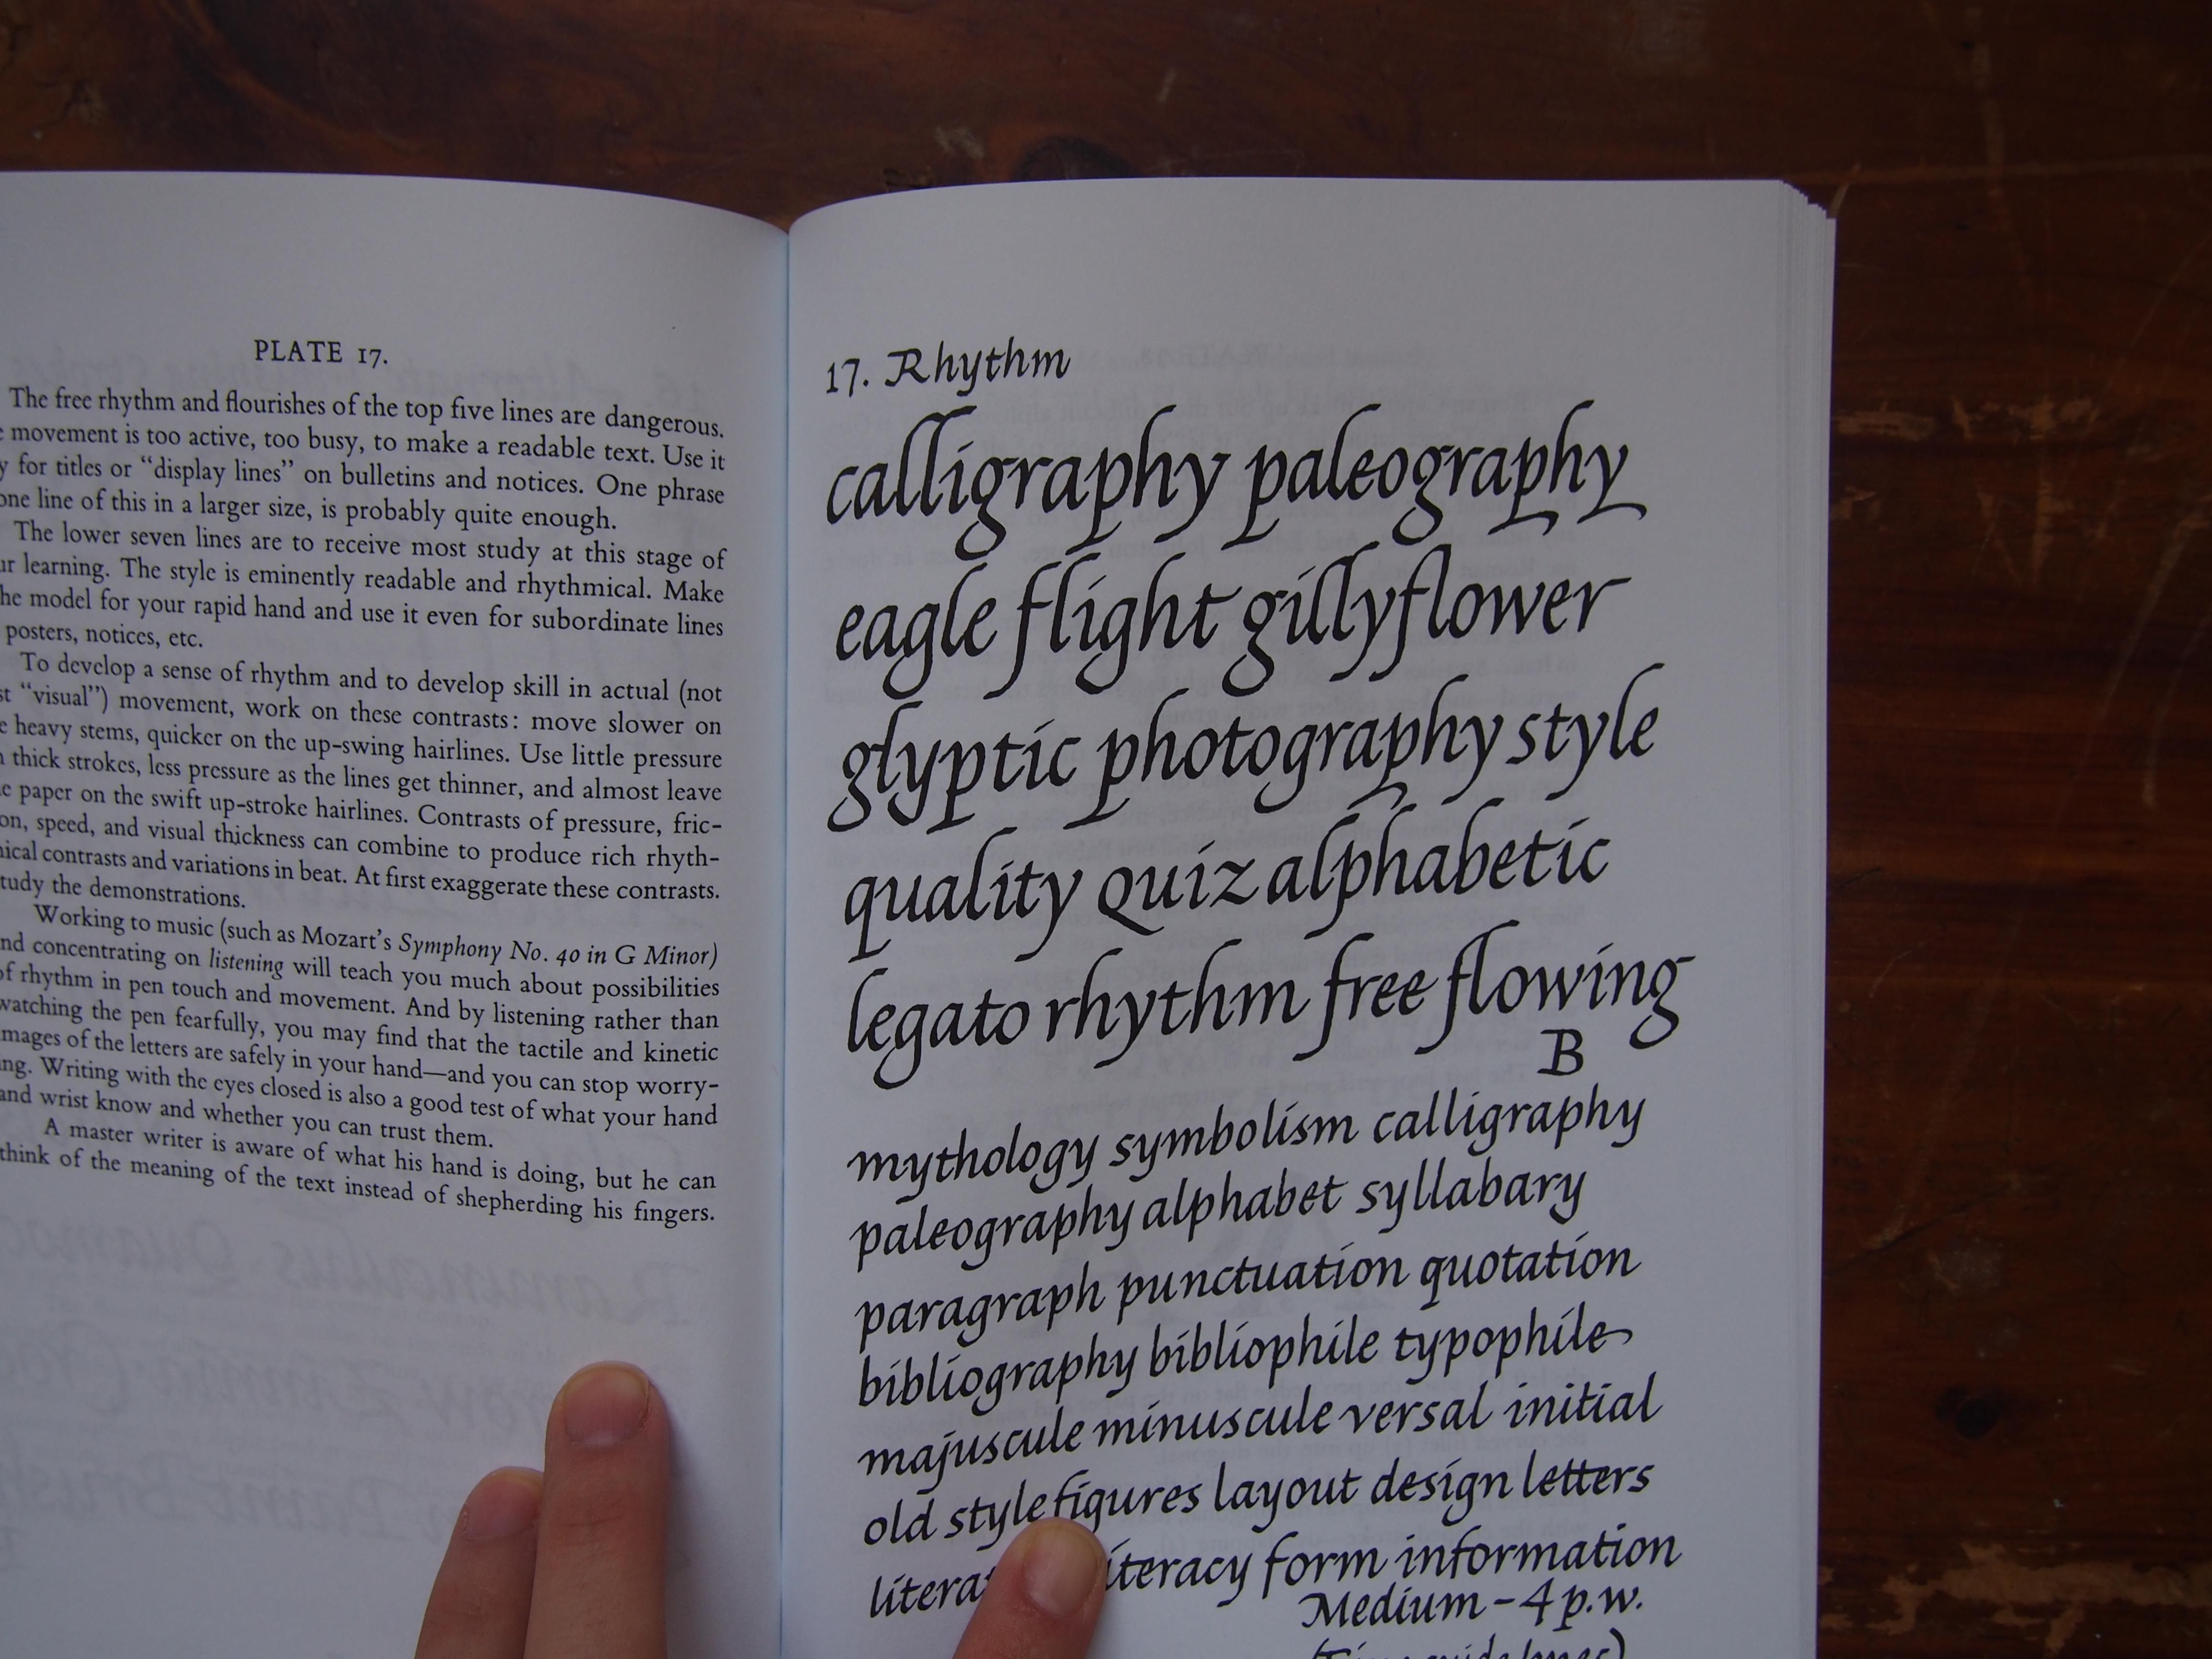 ... & Text by Lloyd J. Reynolds Calligraphy Workshop Toronto, Canada